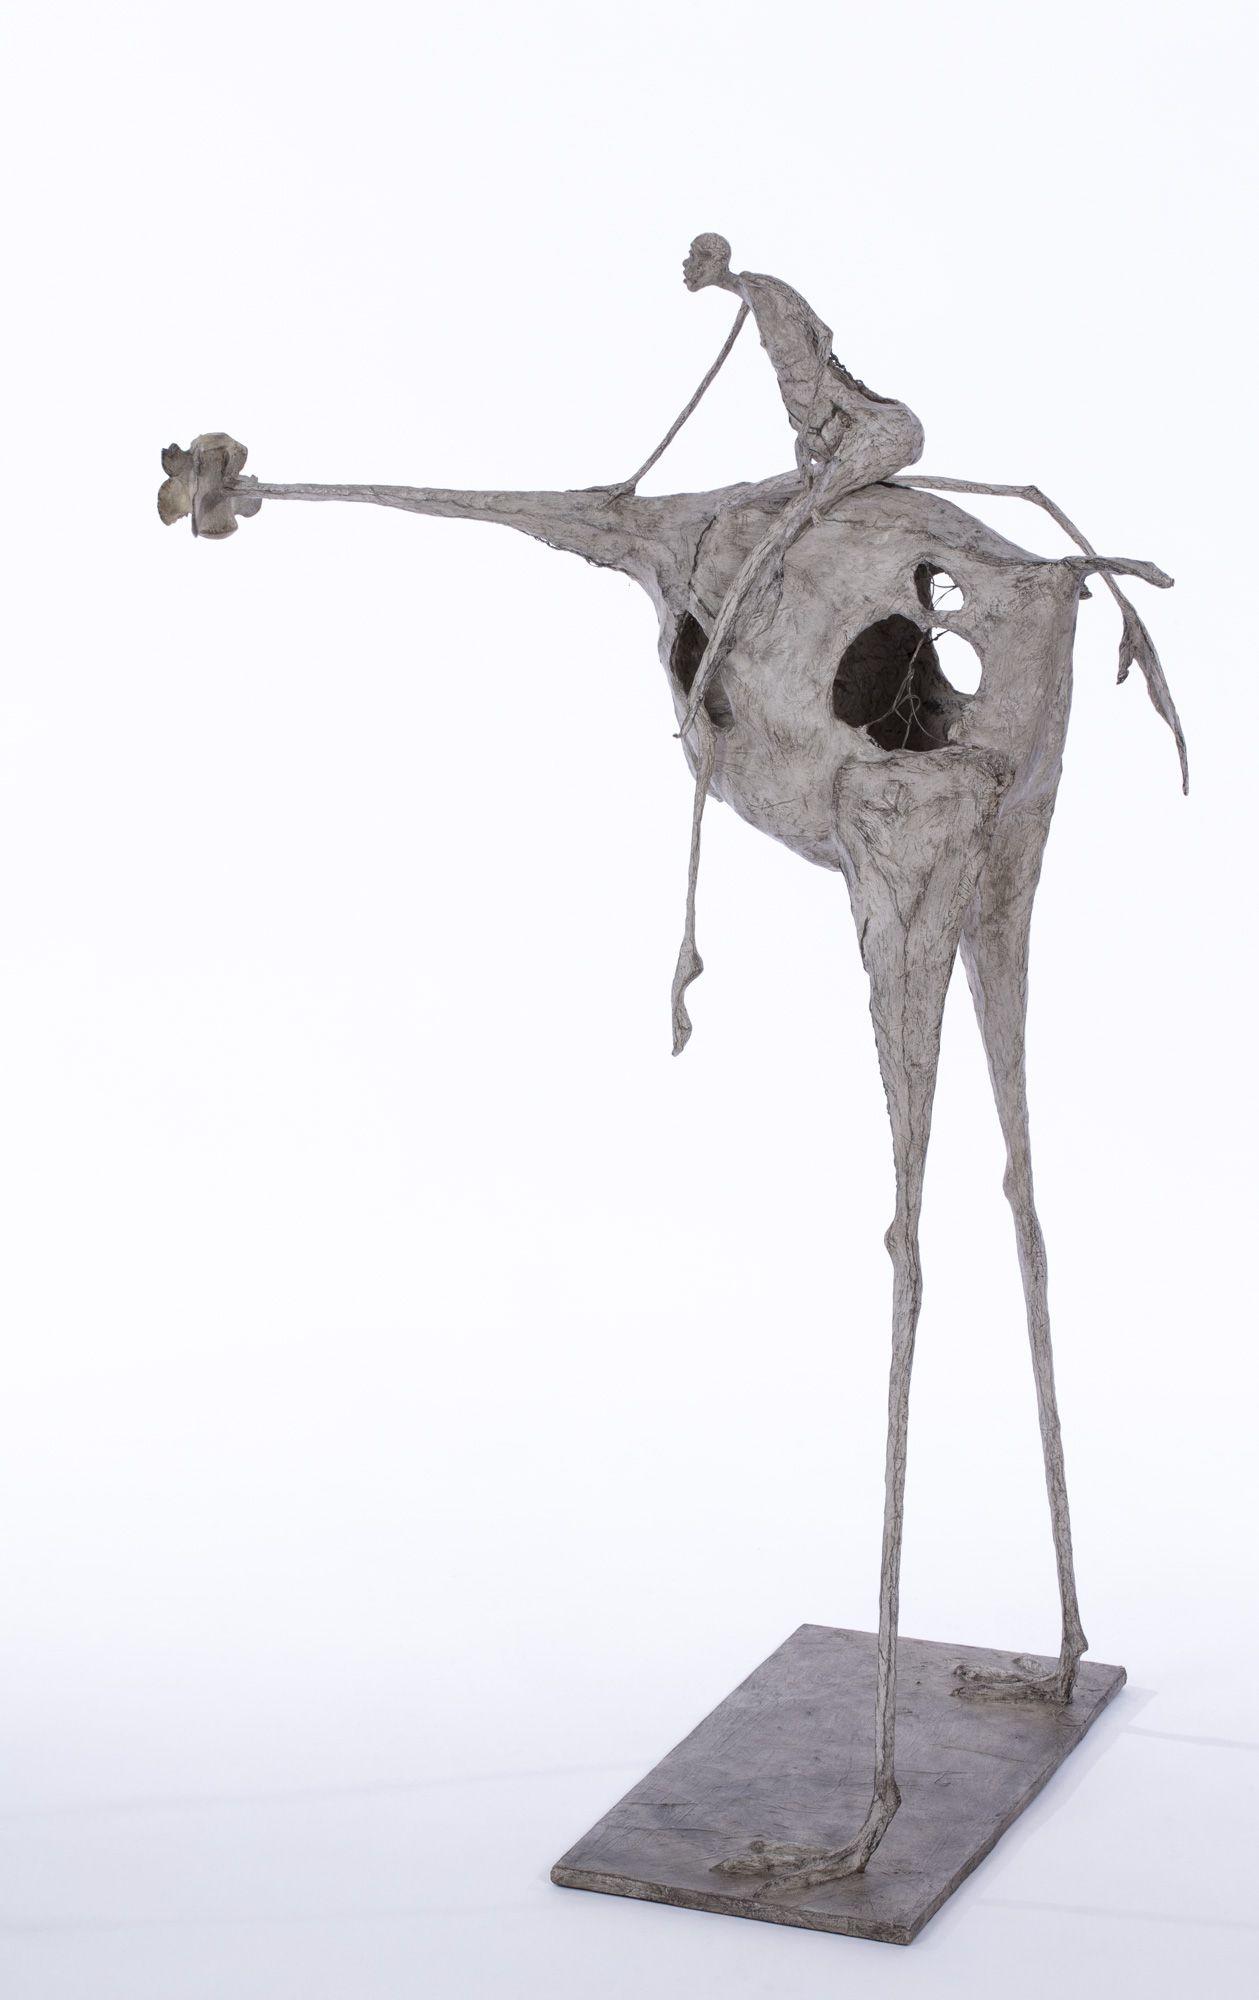 La poule aux oeufs d'or - H. 87 cm